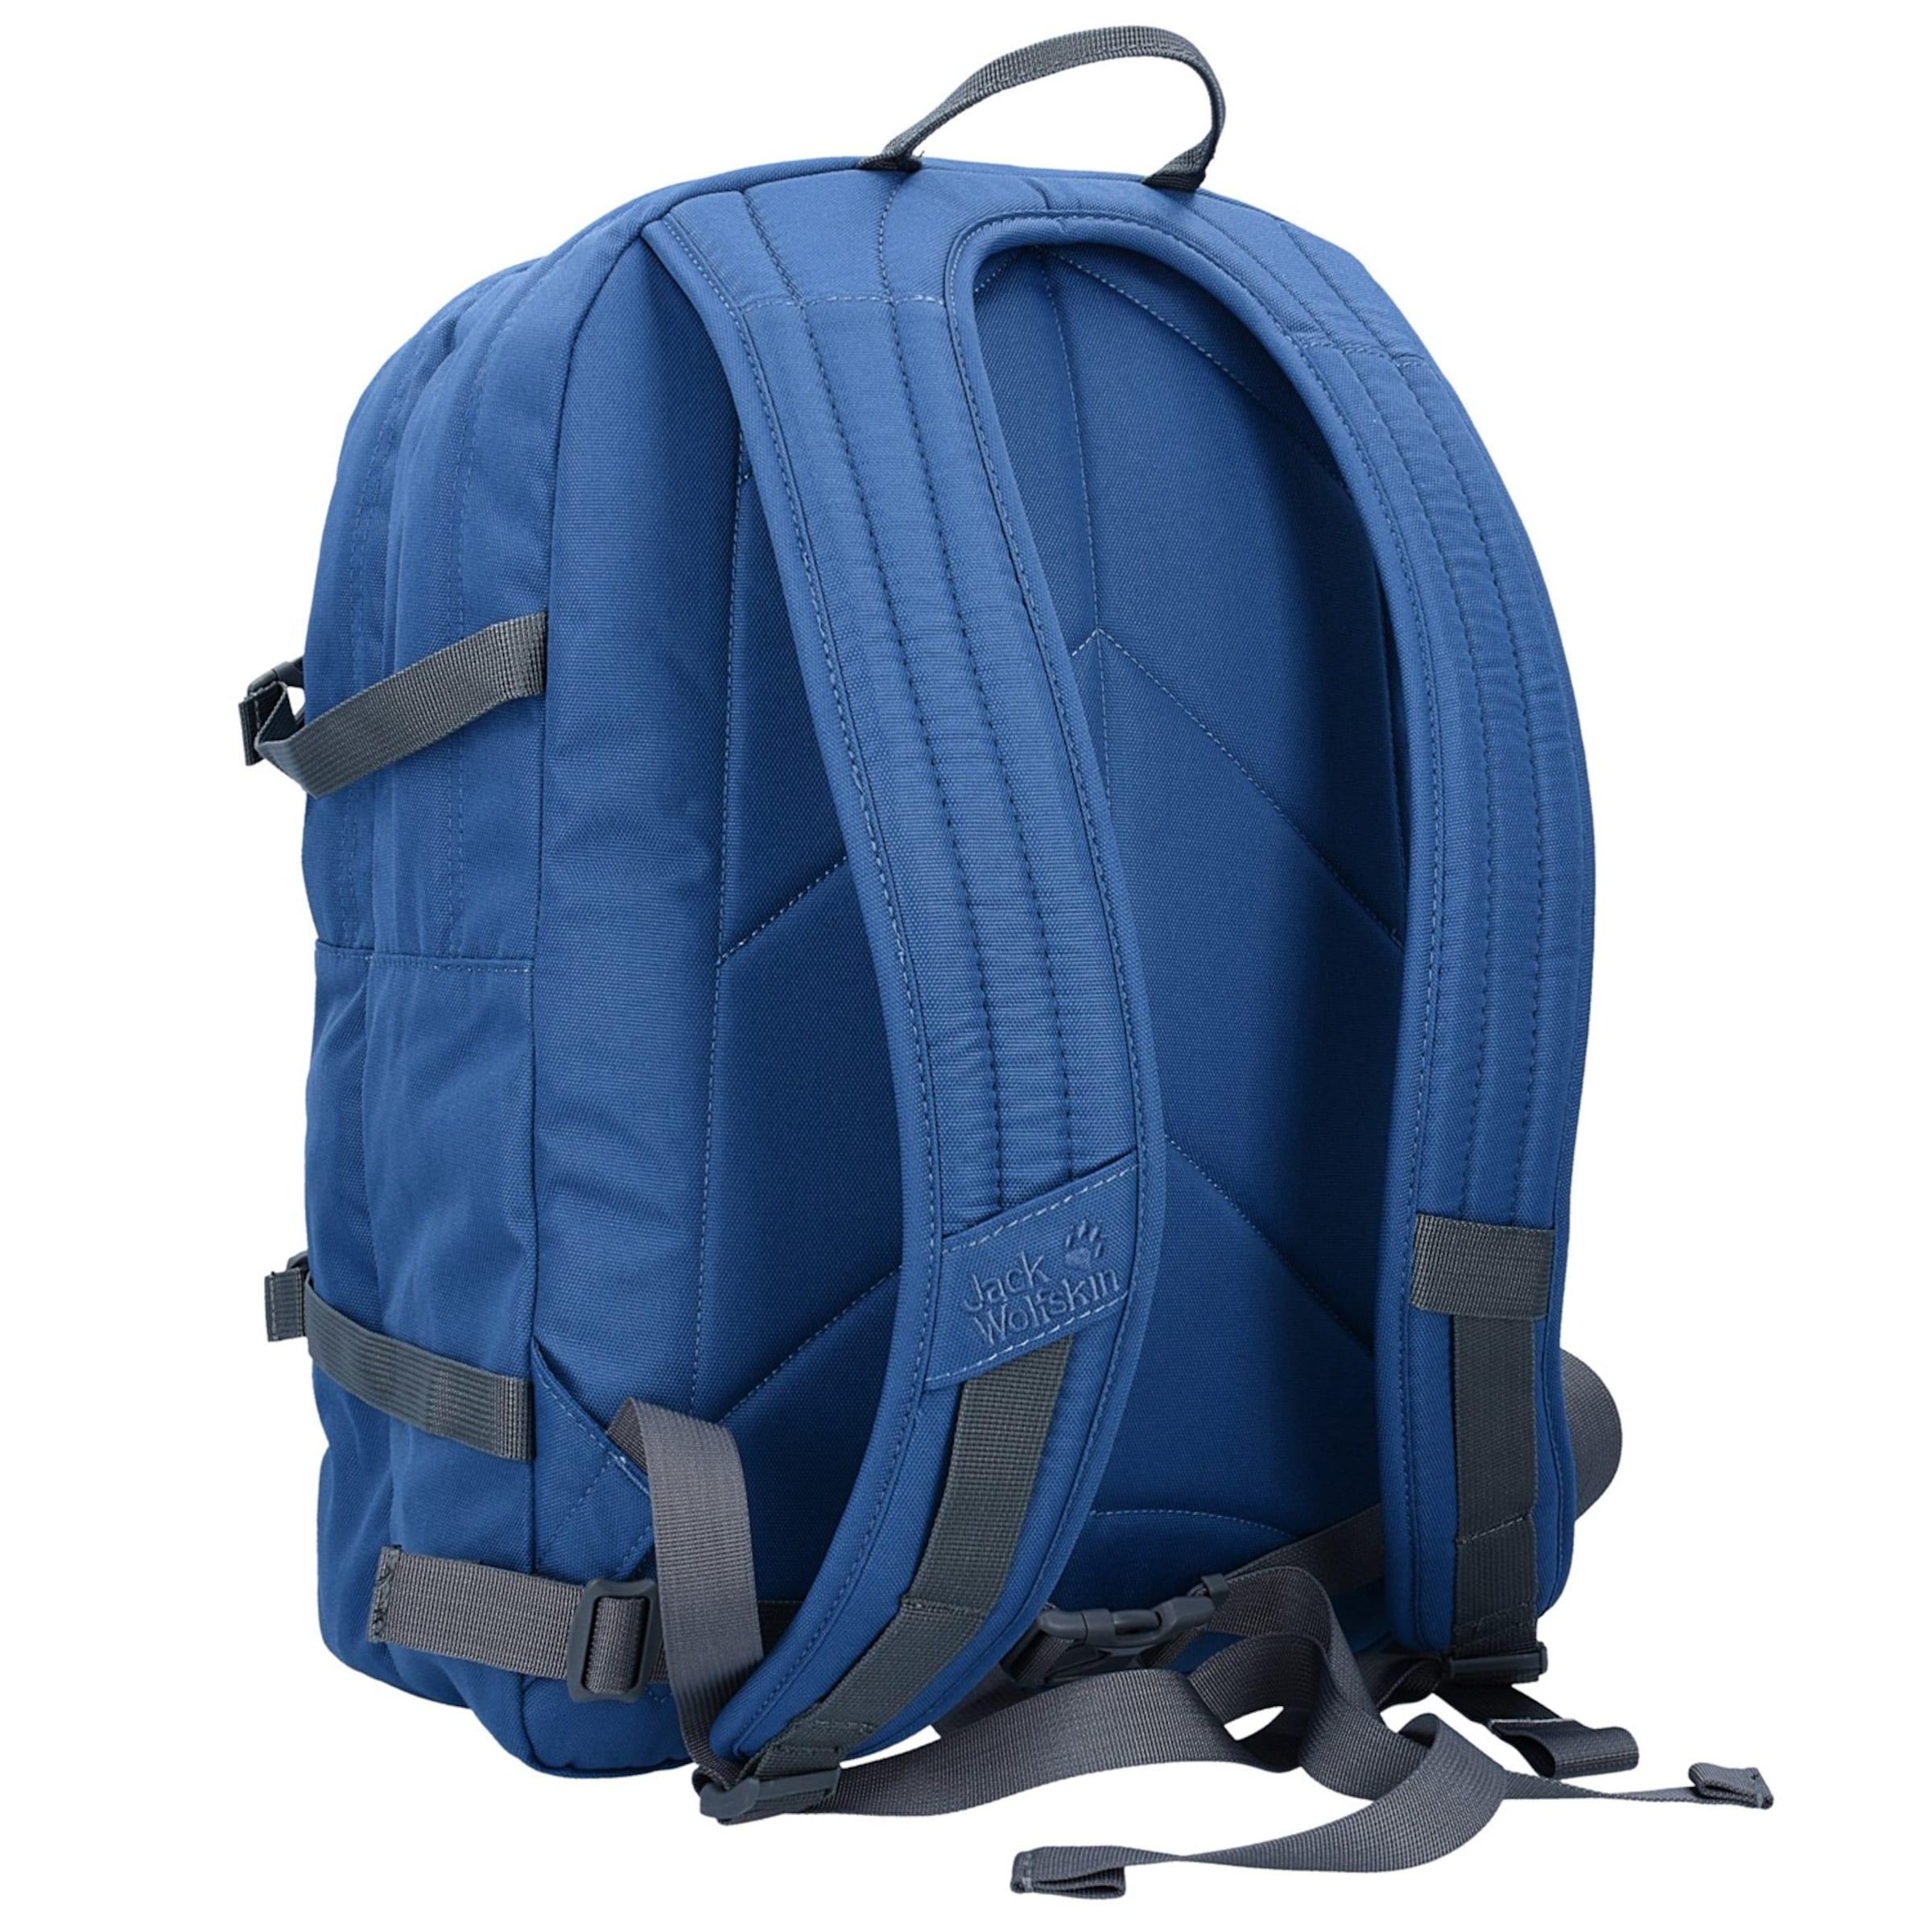 JACK WOLFSKIN 'Daypacks & Bags I Berkeley' Rucksack 44 cm Empfehlen Zum Verkauf Auslass Für Schön Einkaufen Ausgezeichnet Zum Verkauf Verkaufskosten FaCHVkj1